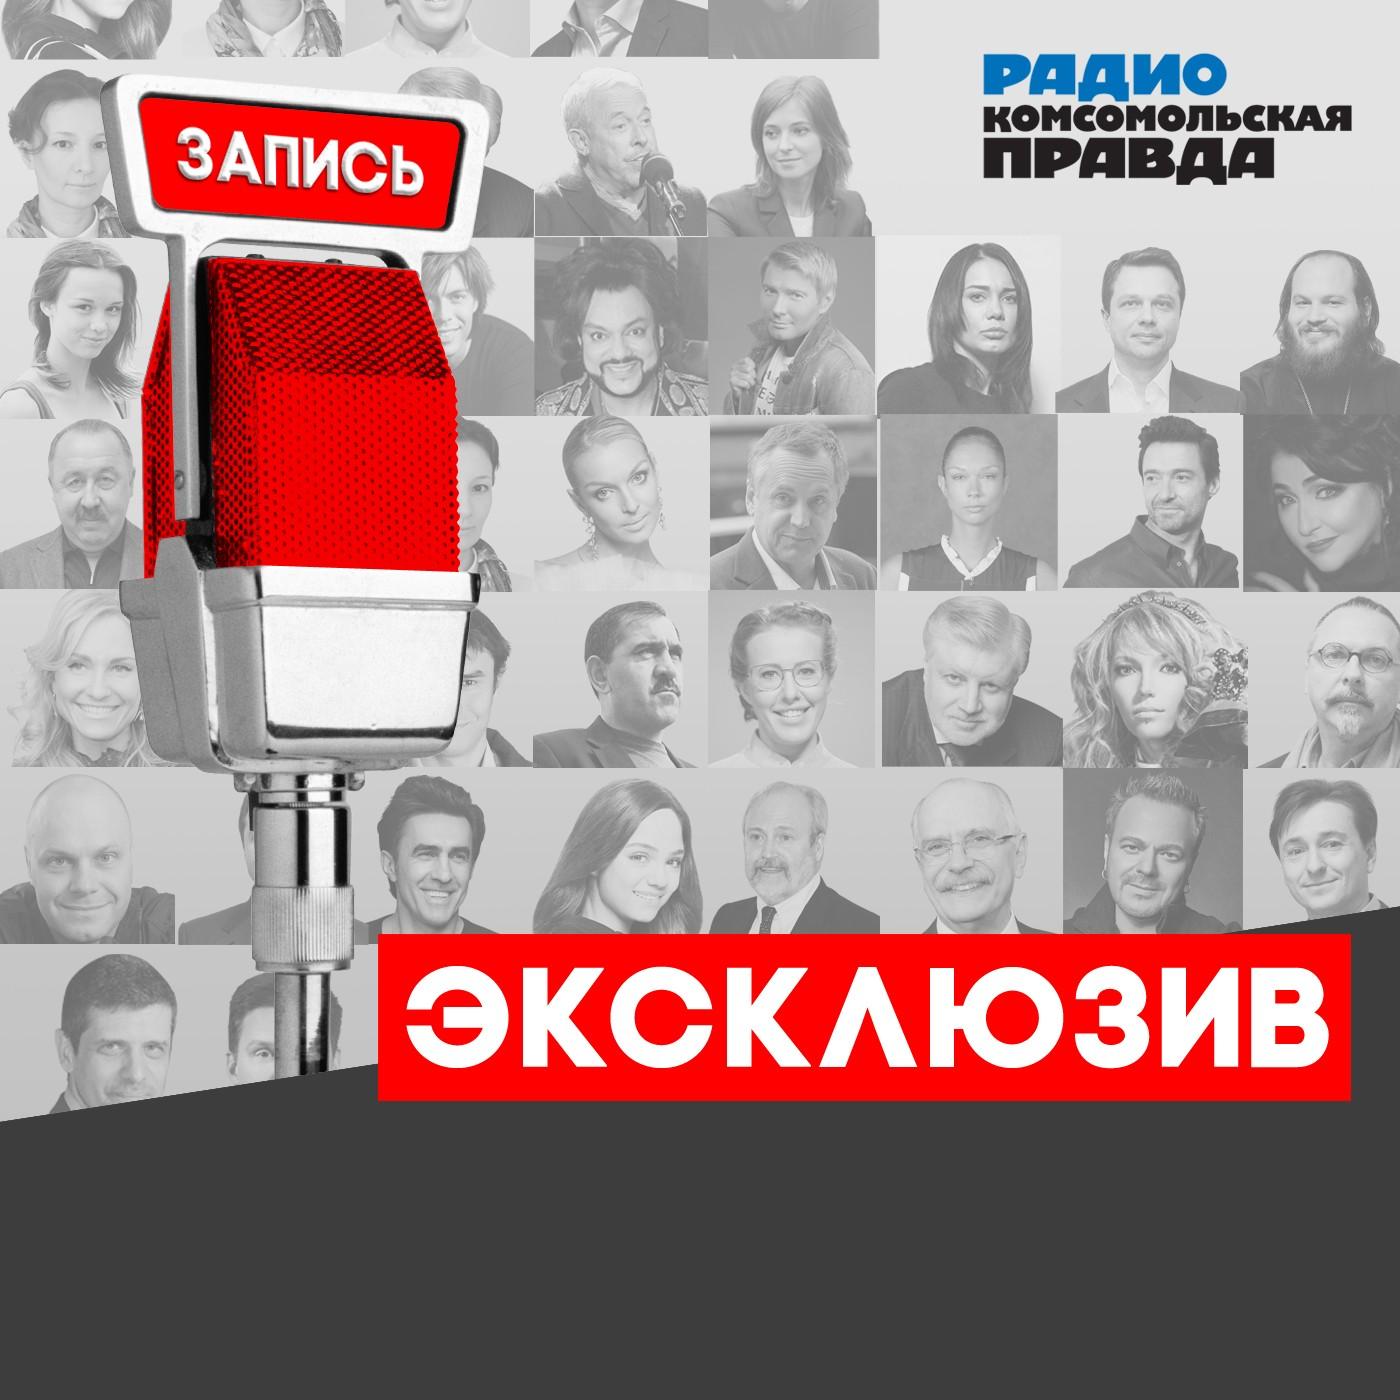 Радио «Комсомольская правда» Глава «Роскосмоса» Дмитрий Рогозин: «На появление нового поколения космической техники у нас есть от силы 3,5 года» дмитрий рогозин 0 ястребы мира дневник русского посла